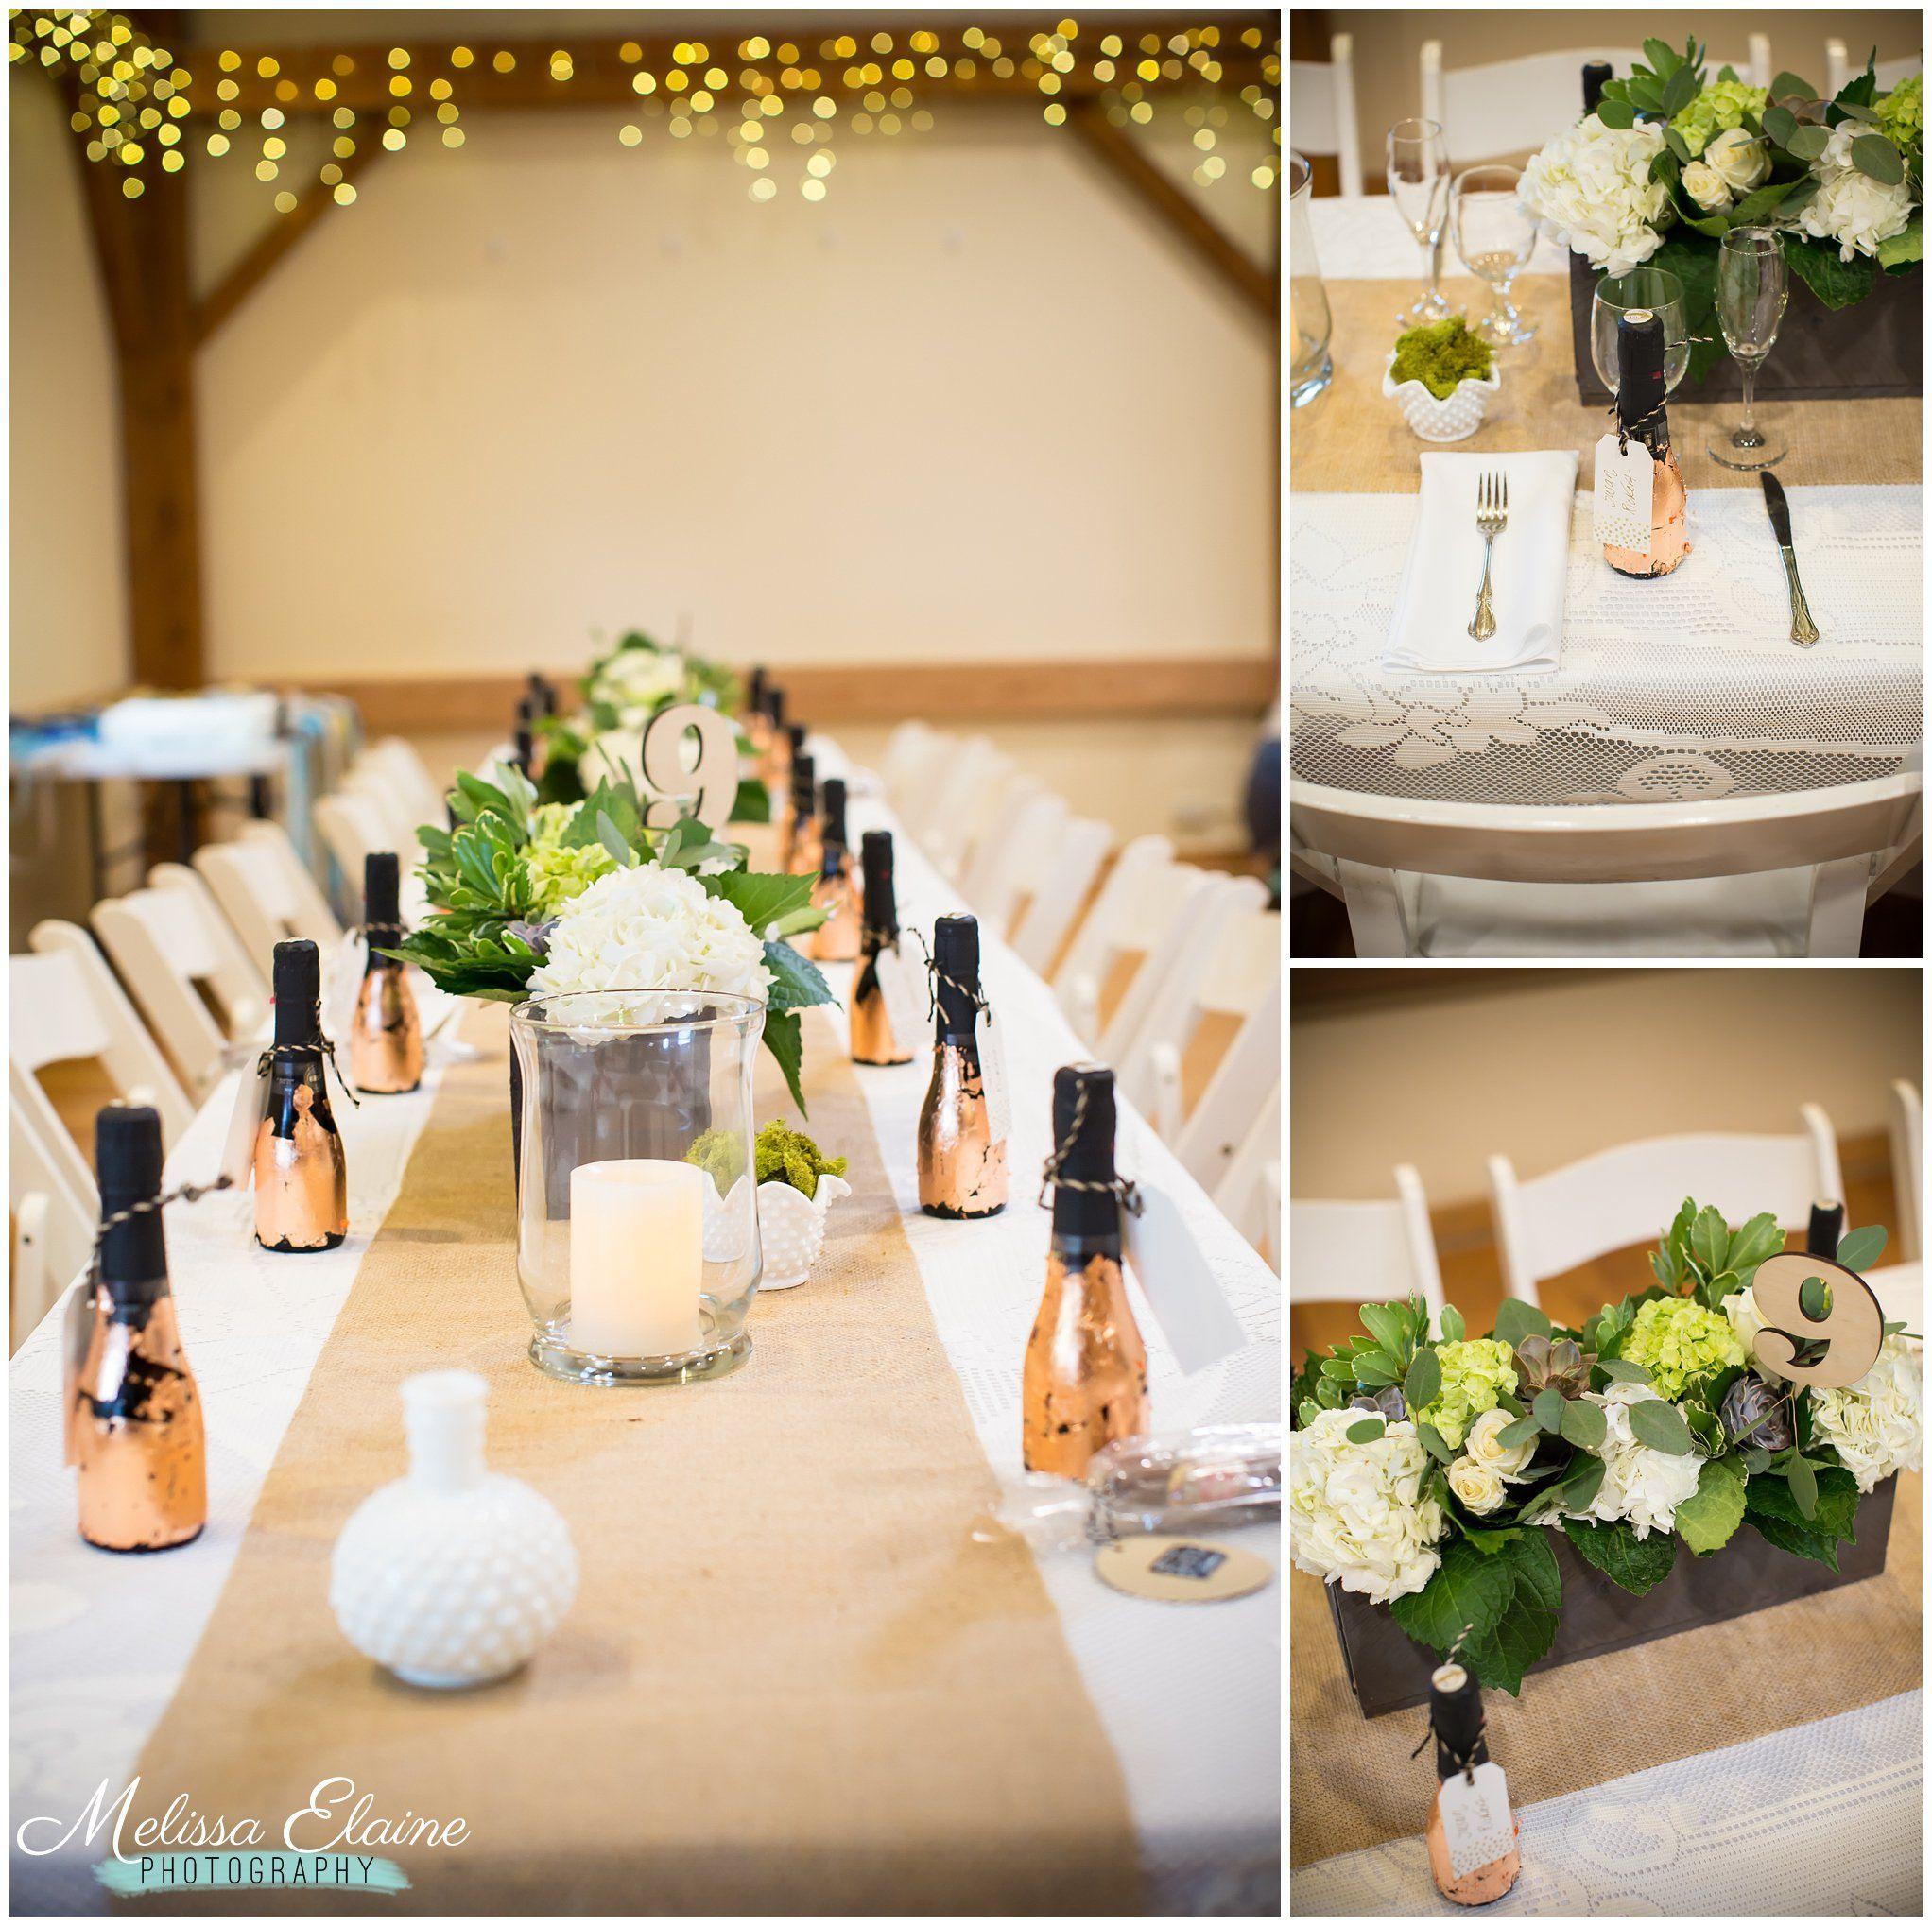 Oak Arbor Reception: Lindsay & Will - Ann Arbor, Michigan Wedding